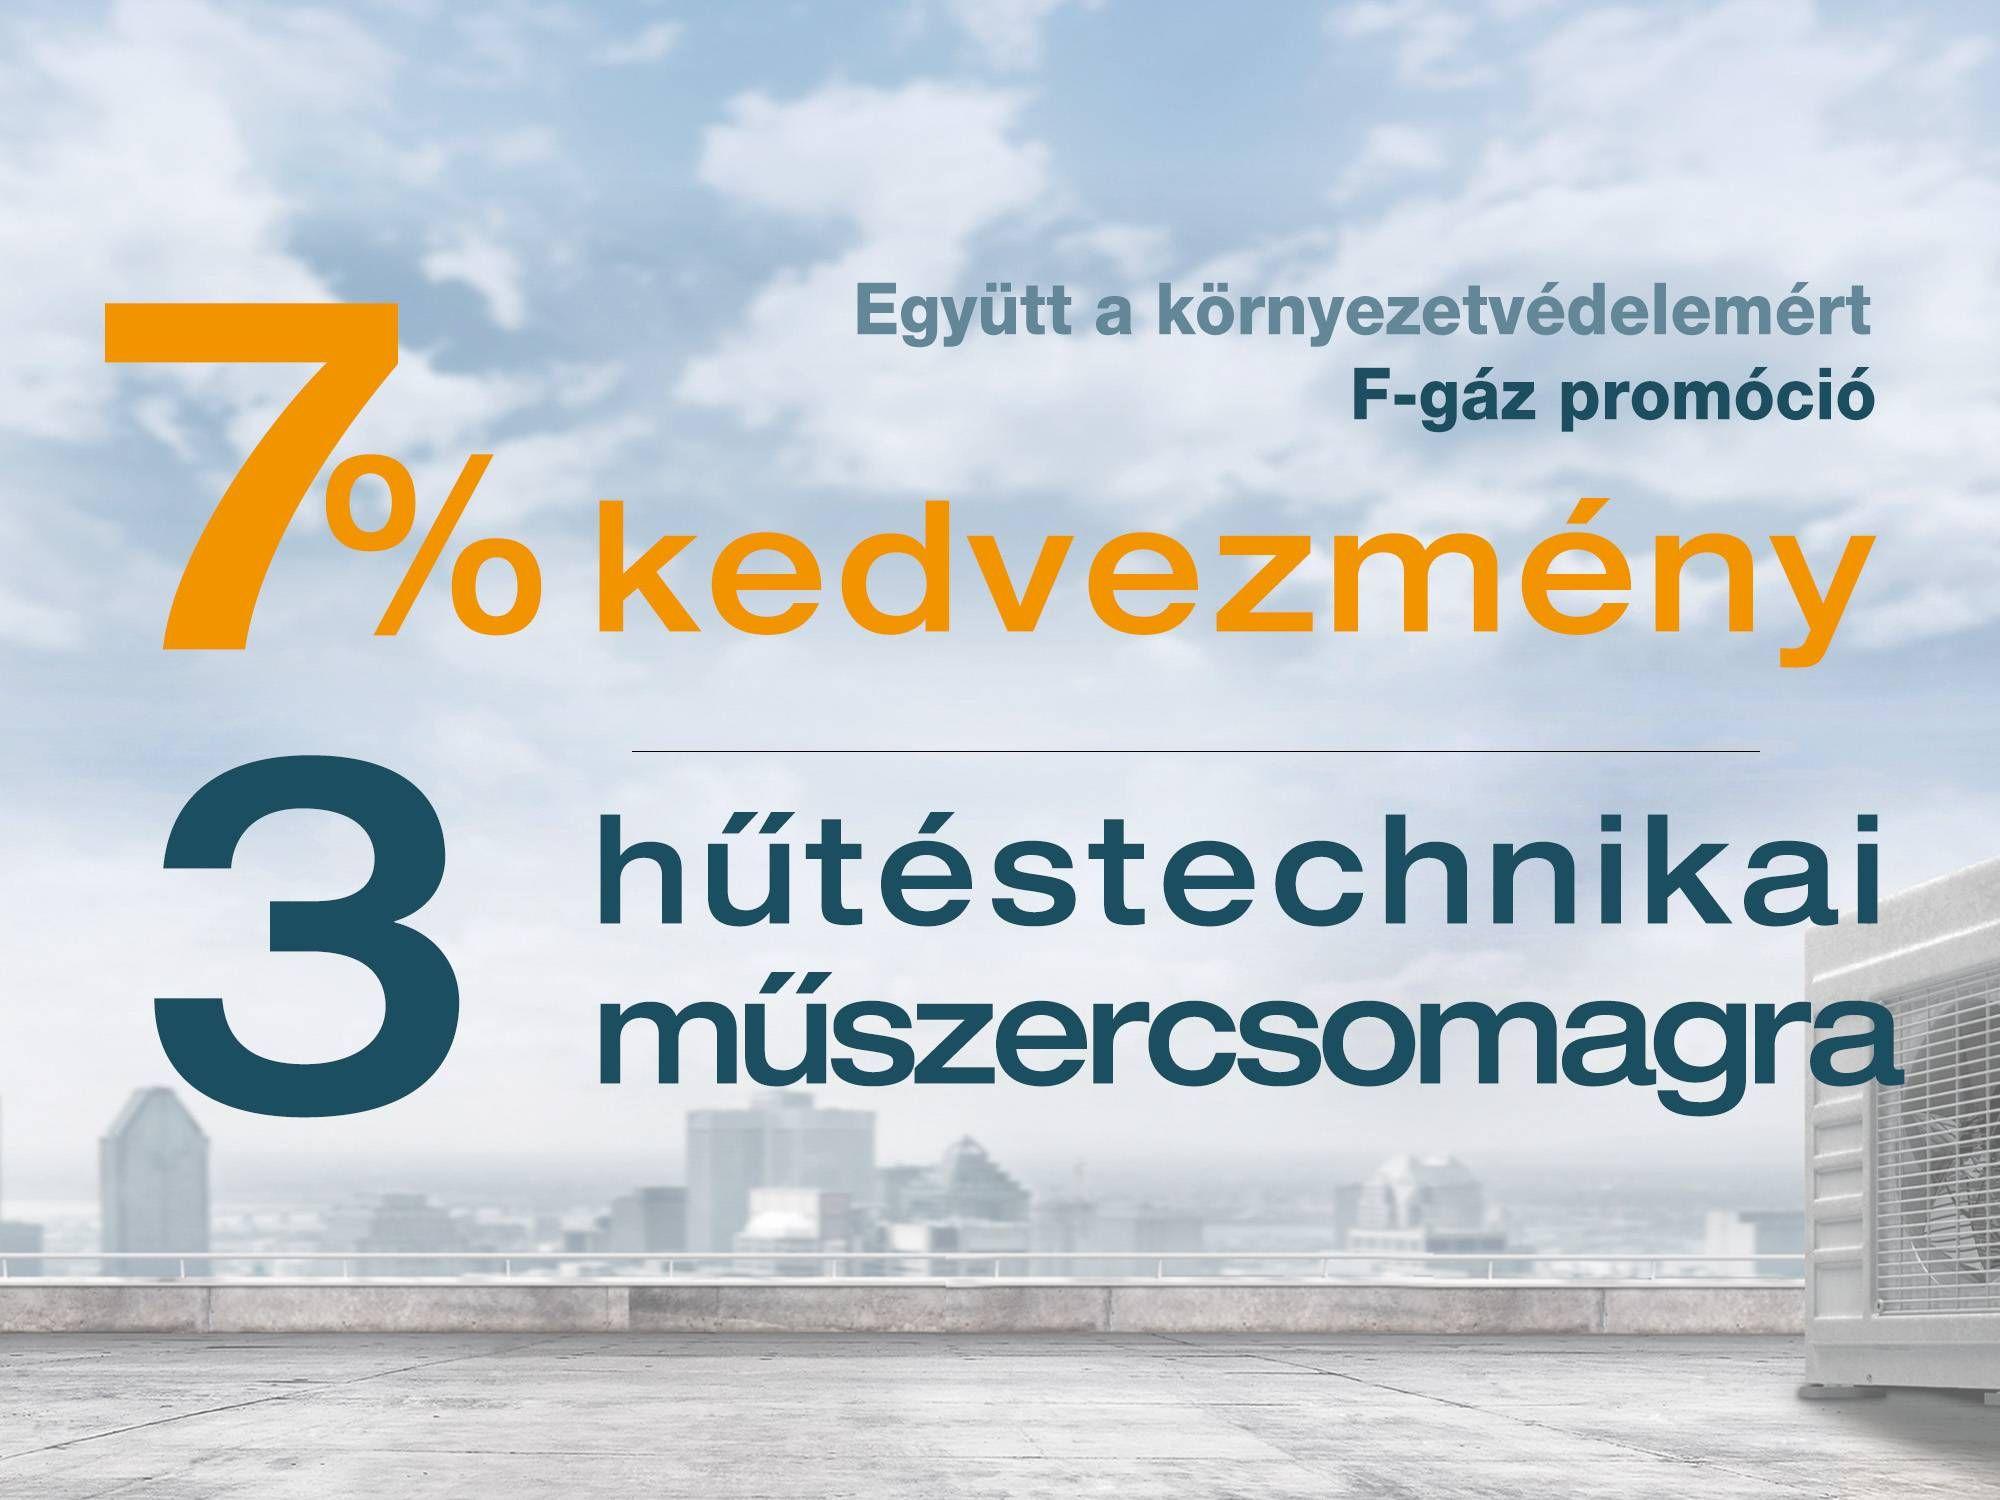 Hűtéstechnikai műszercsomagok 7% kedvezménnyel